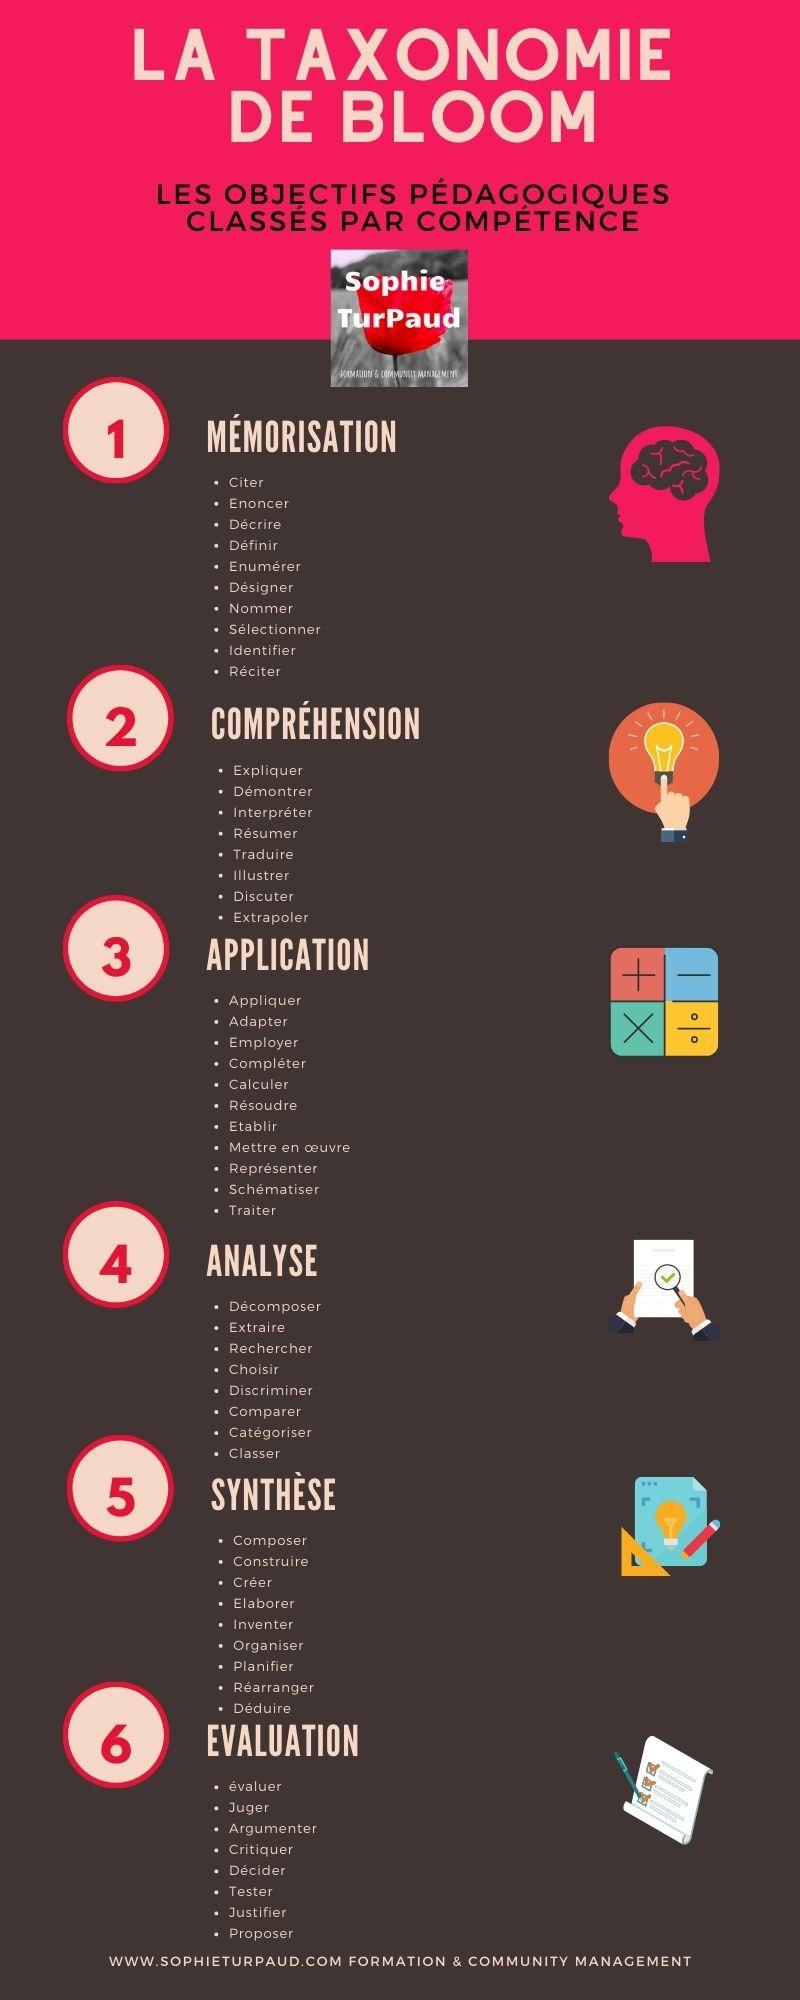 Infographie La taxonomie de bloom pour définir des objectifs pédagogiques via @sophieturpaud